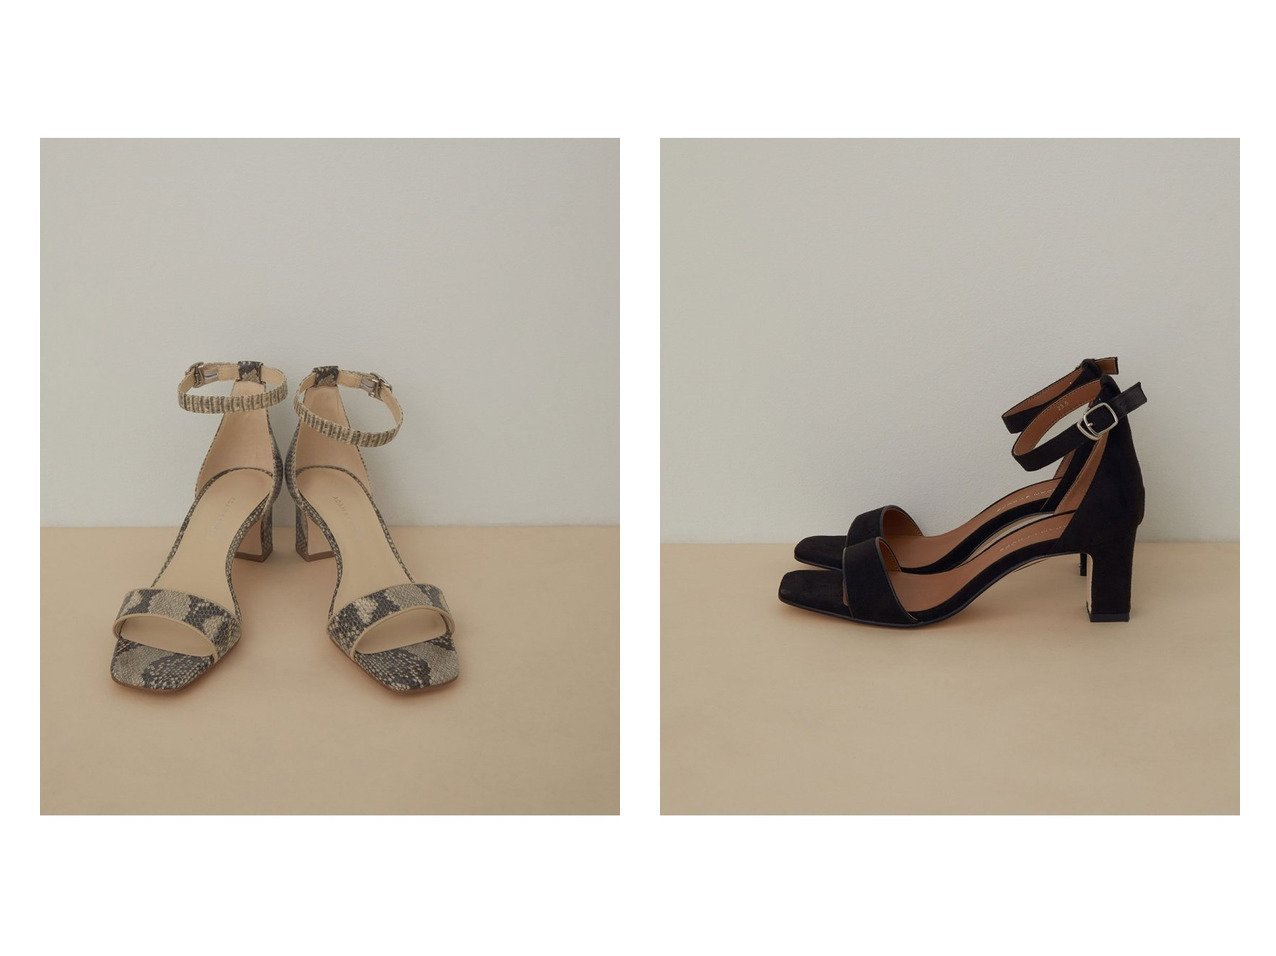 【ADAM ET ROPE'/アダム エ ロペ】のアンクルストラップサンダル 【シューズ・靴】おすすめ!人気、トレンド・レディースファッションの通販 おすすめで人気の流行・トレンド、ファッションの通販商品 メンズファッション・キッズファッション・インテリア・家具・レディースファッション・服の通販 founy(ファニー) https://founy.com/ ファッション Fashion レディースファッション WOMEN 春 Spring 今季 サンダル シューズ シンプル デニム 人気 パイソン フィット ミュール ワイド 2021年 2021 S/S・春夏 SS・Spring/Summer 2021春夏・S/S SS/Spring/Summer/2021 おすすめ Recommend |ID:crp329100000027852